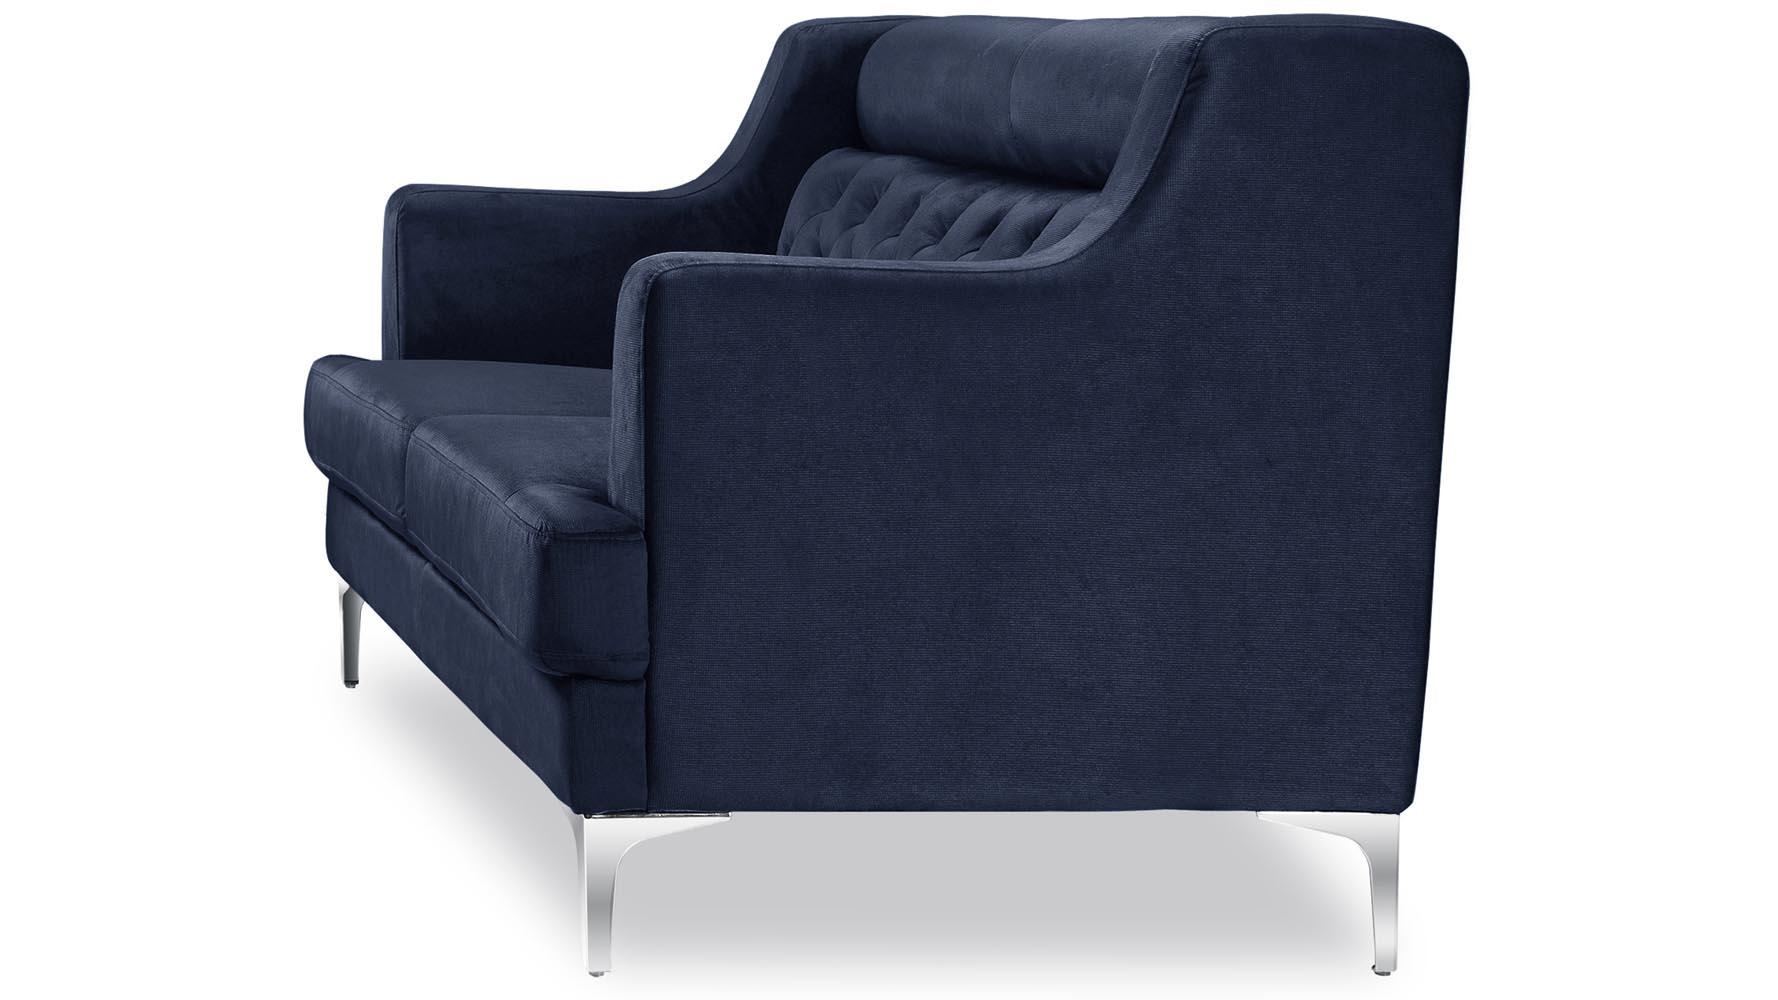 Zara Fabric Tufted Sofa With Chrome Legs Navy Blue